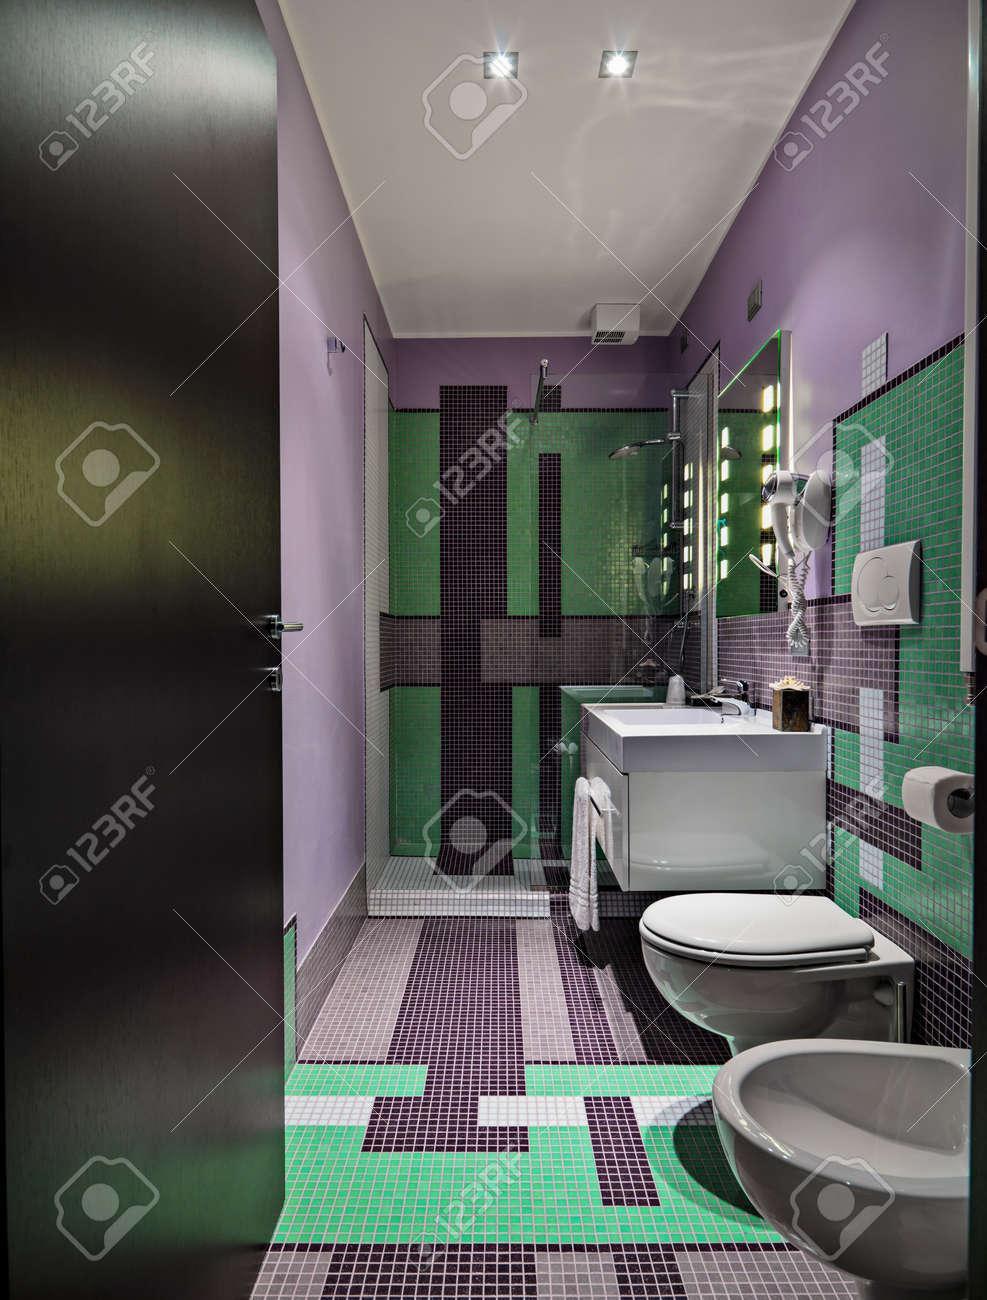 Vue inter oa salle de bains moderne avec des carreaux de mosaïque de couleur